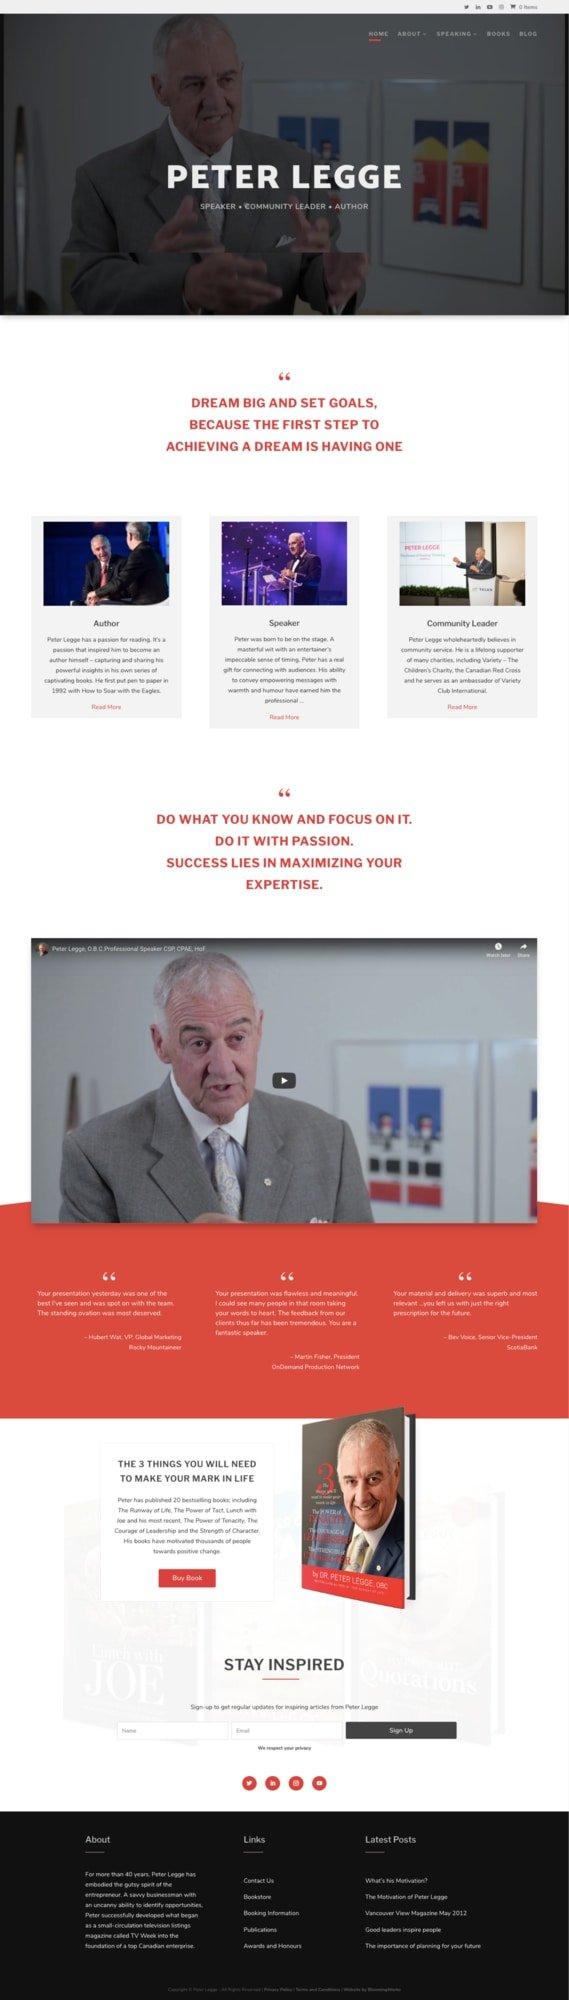 Peter Legge Website Design full screen